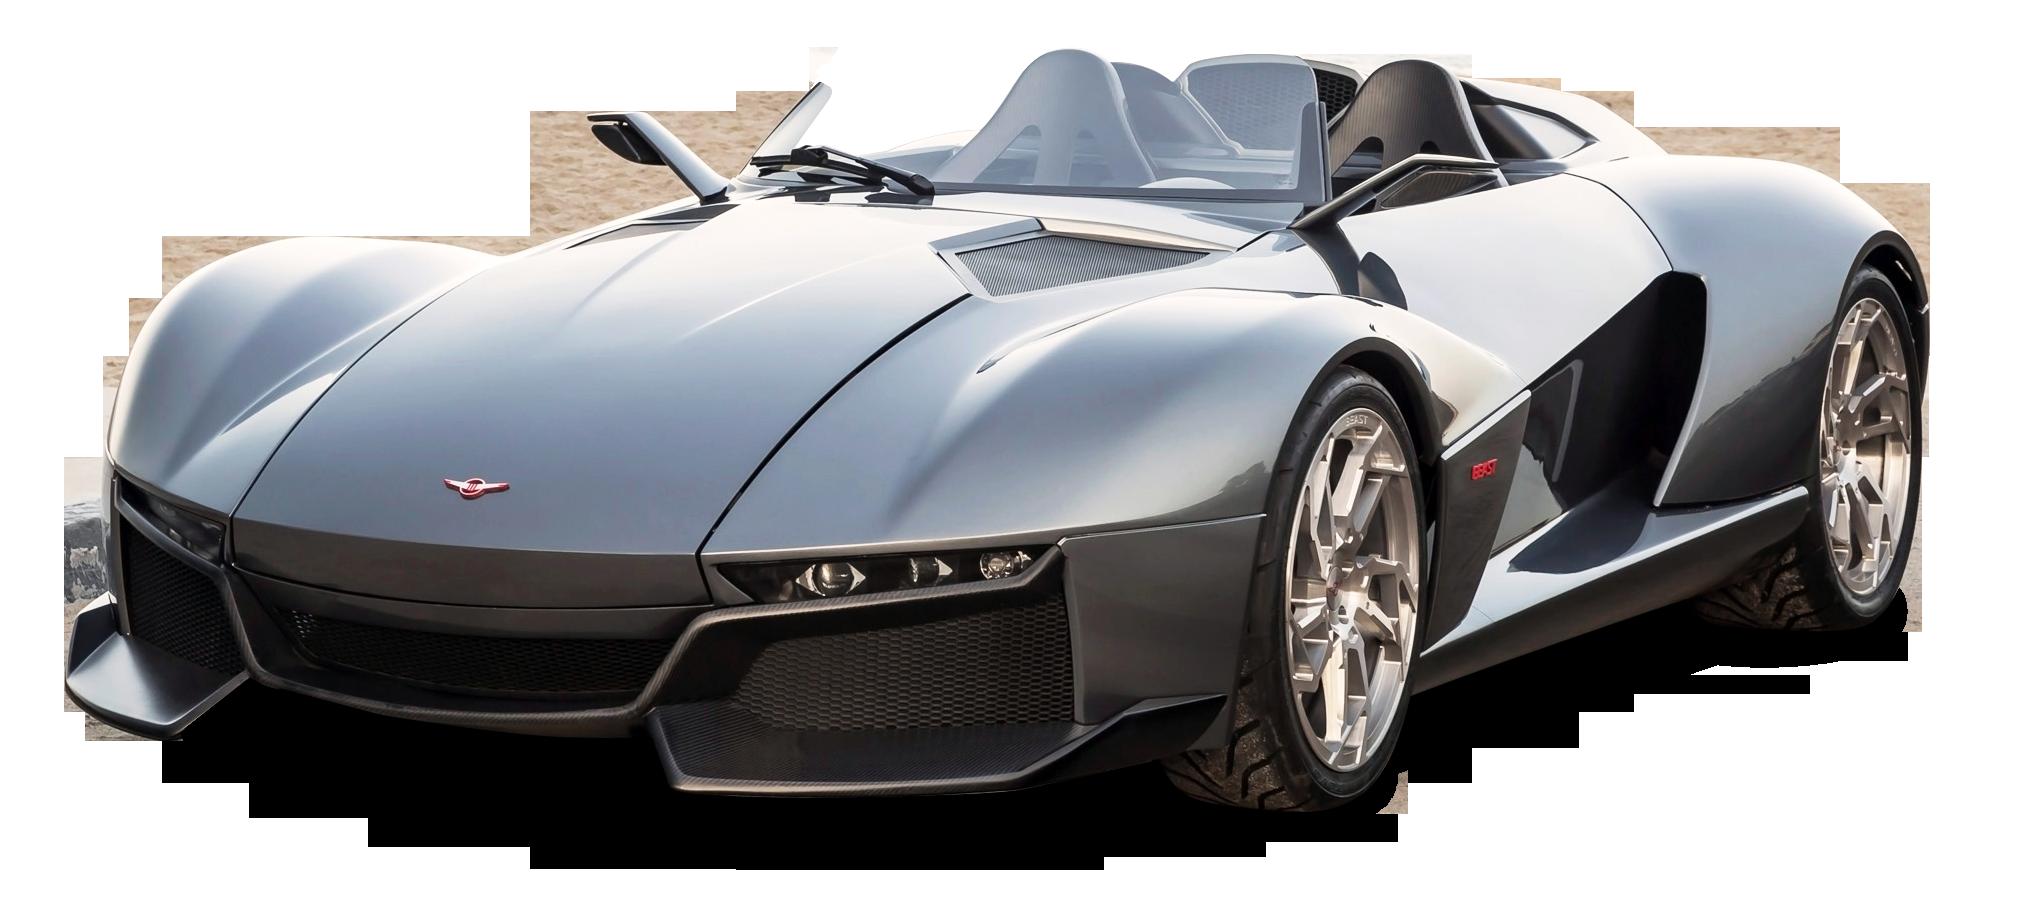 Rezvani Beast Car Png Image Car Png Images Beast